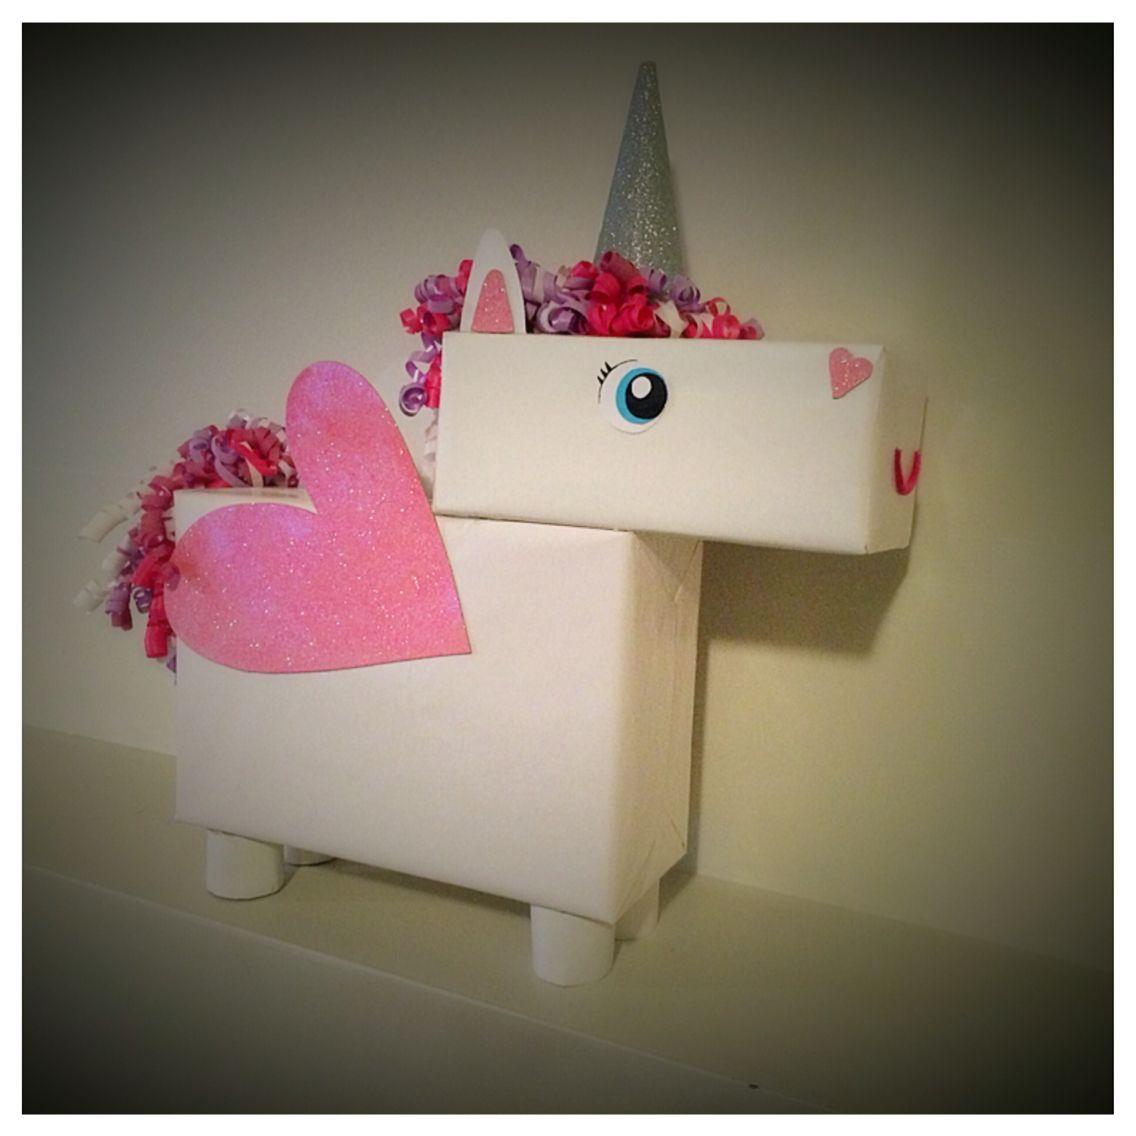 Unicorn Valentine S Day Box Using Dollar Tree Items Diy School Valentine Box Valentine Day Boxes Vday Crafts Unicorn Valentines